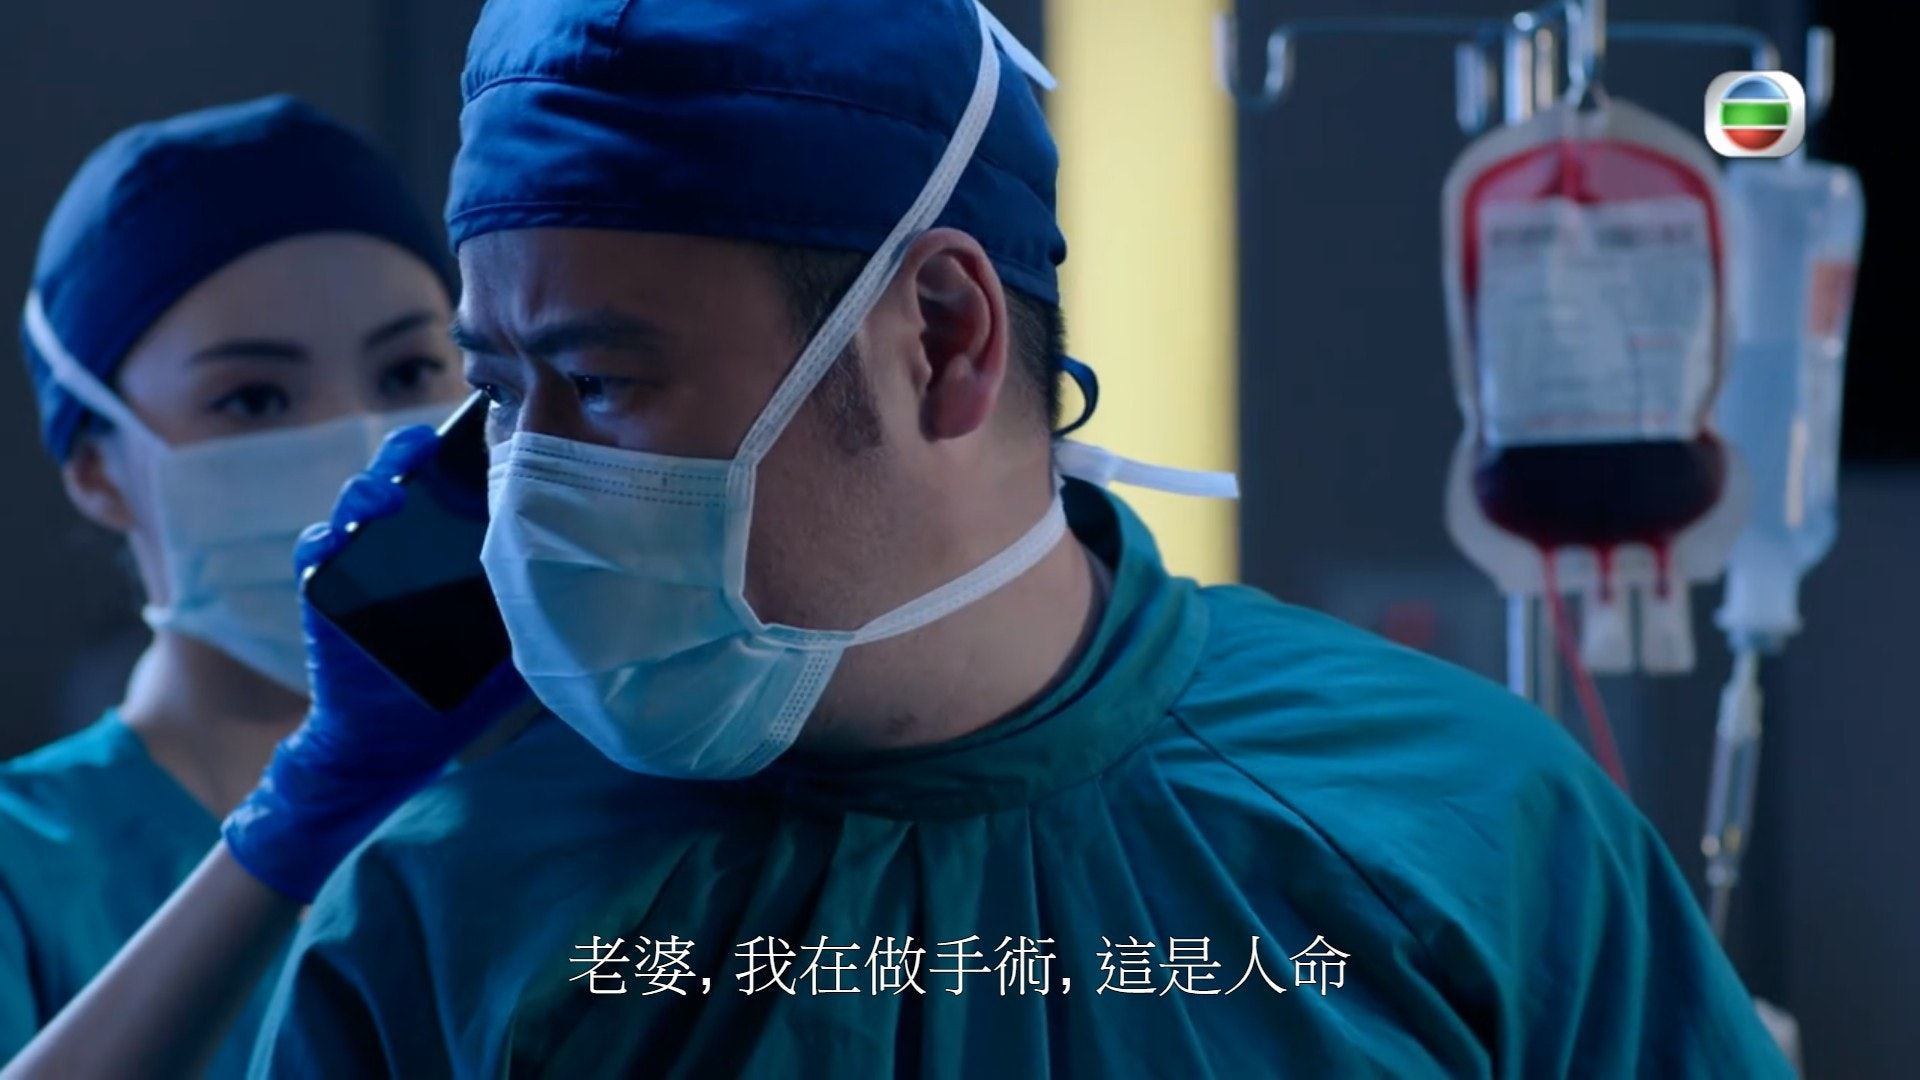 《白色强人》另一单真人真事!医生在手术室聊电话酿成大祸